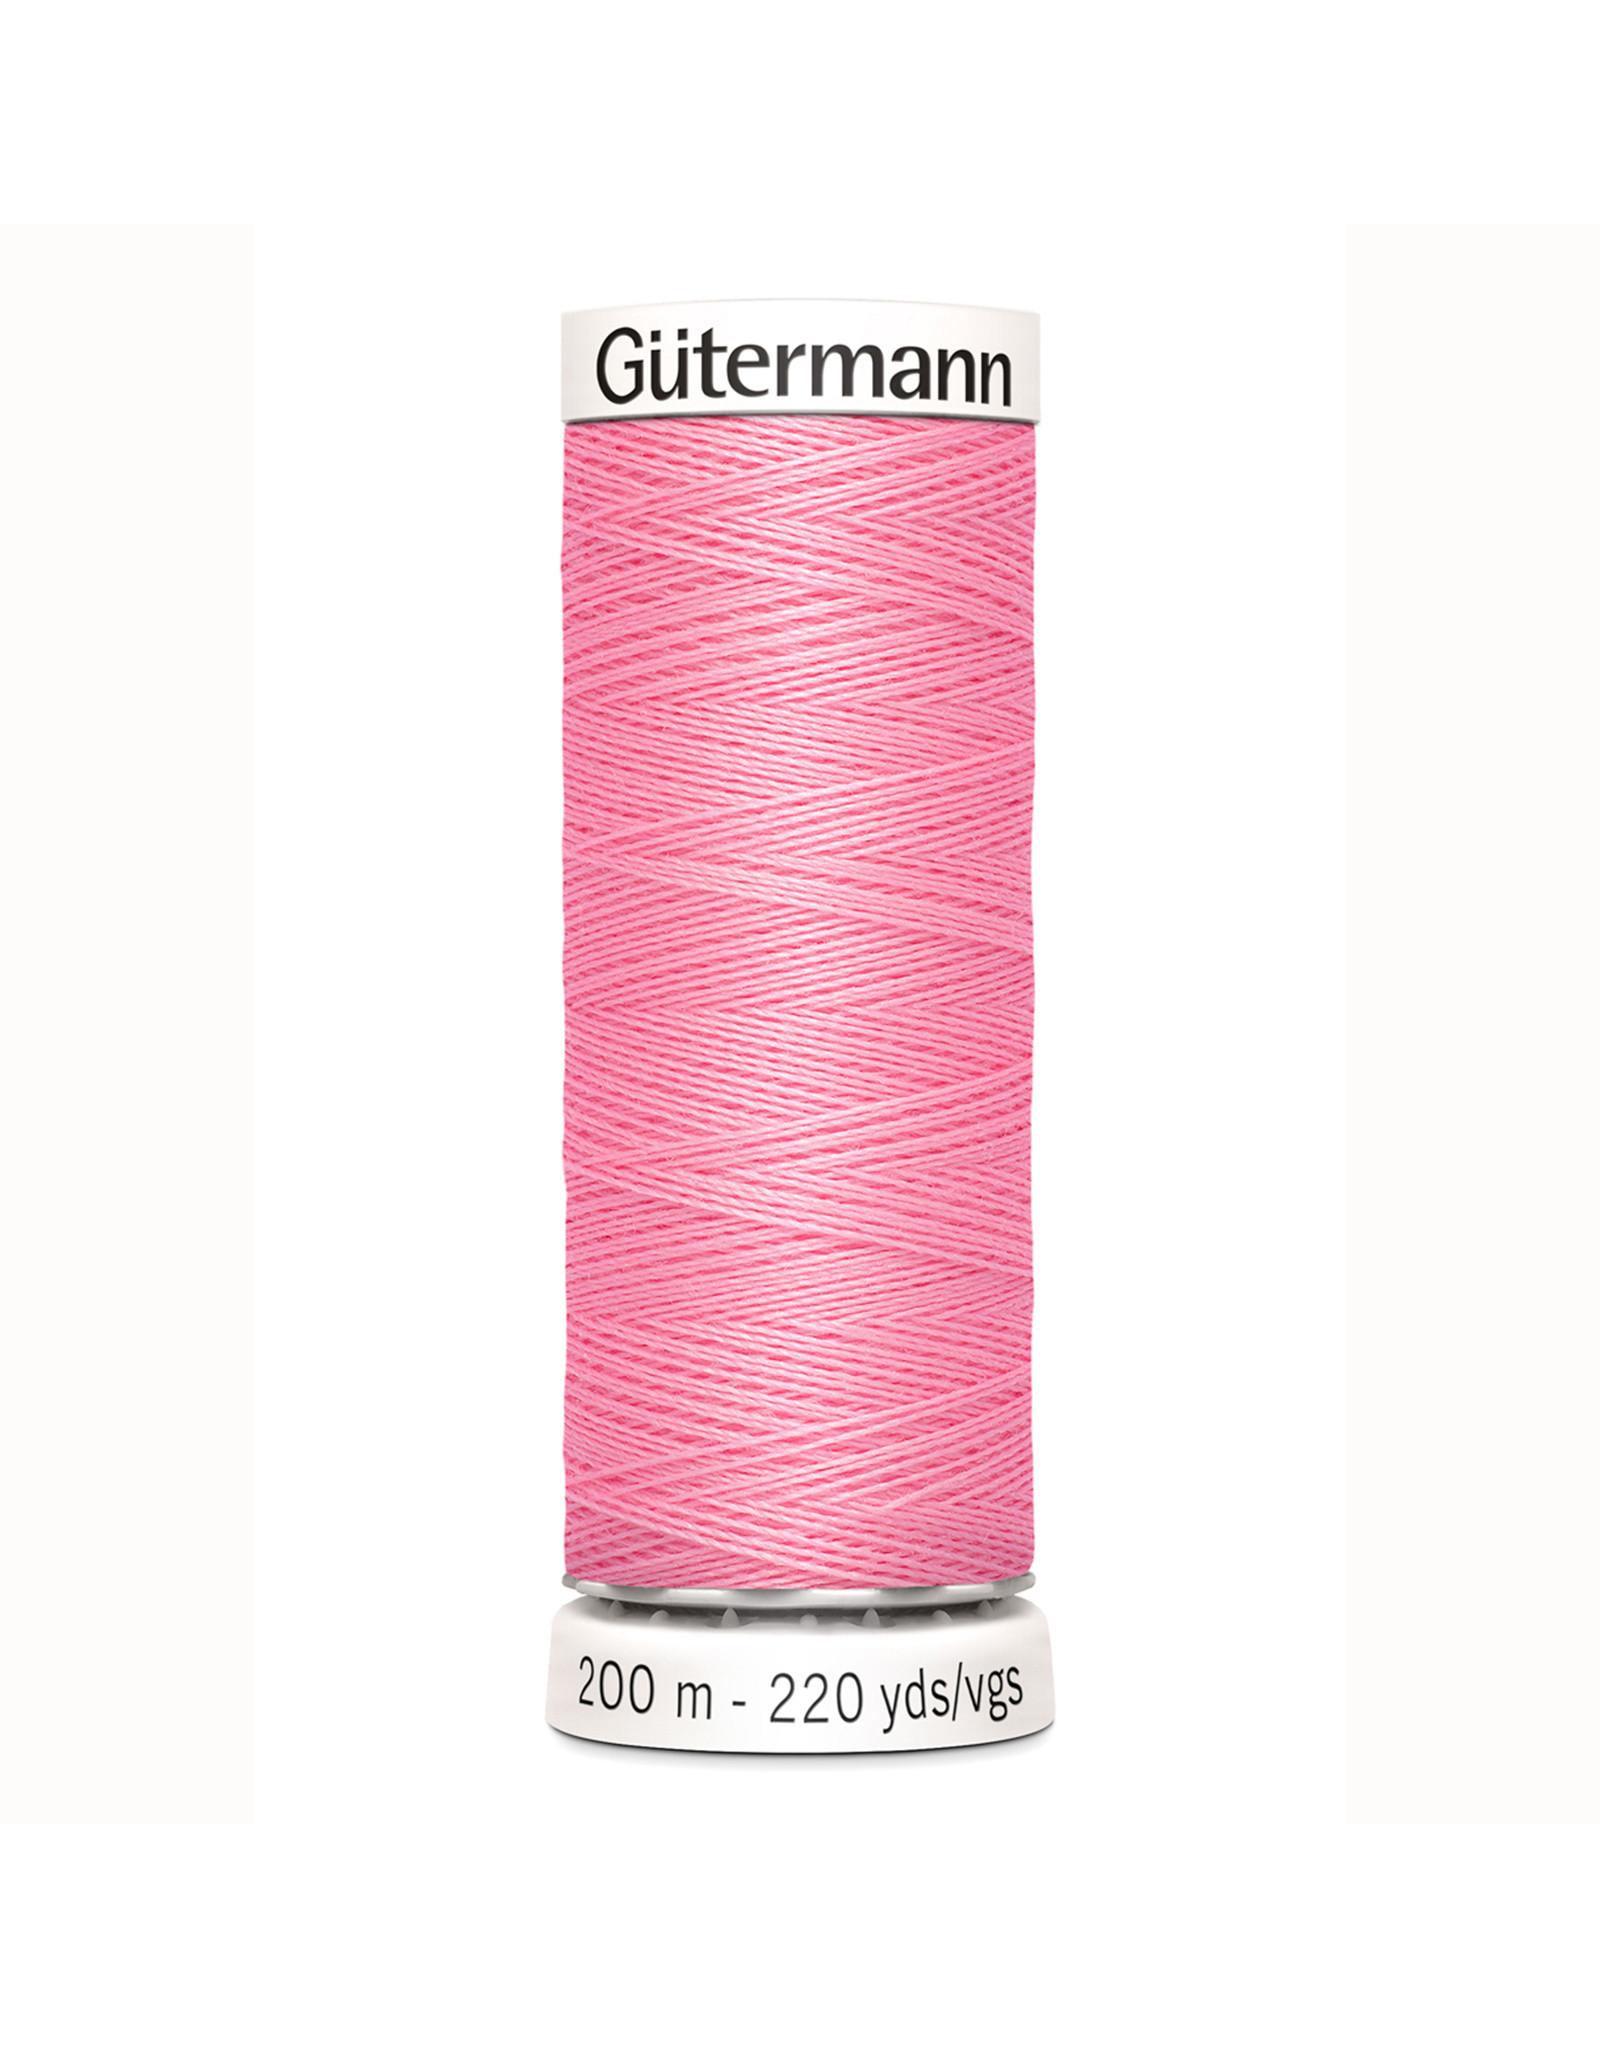 Gütermann Gütermann Sewing Thread 200 m - nr 758